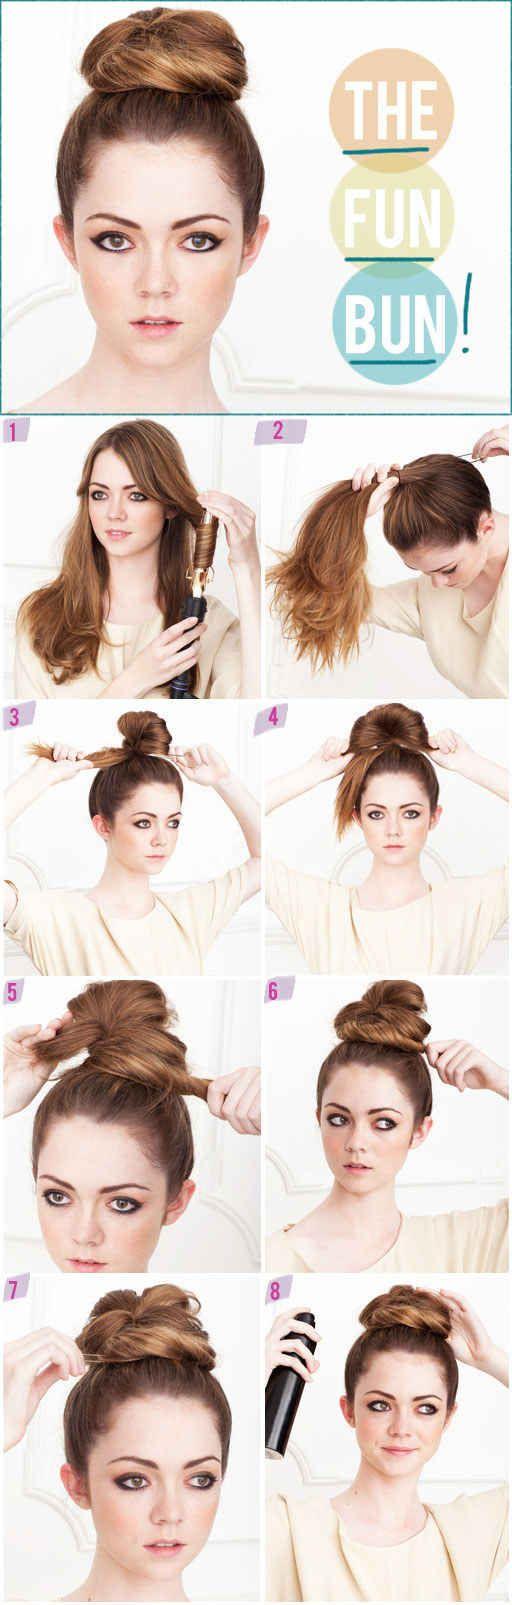 Envuelve el pelo alrededor de la base para un moño desordenado y más fornido.